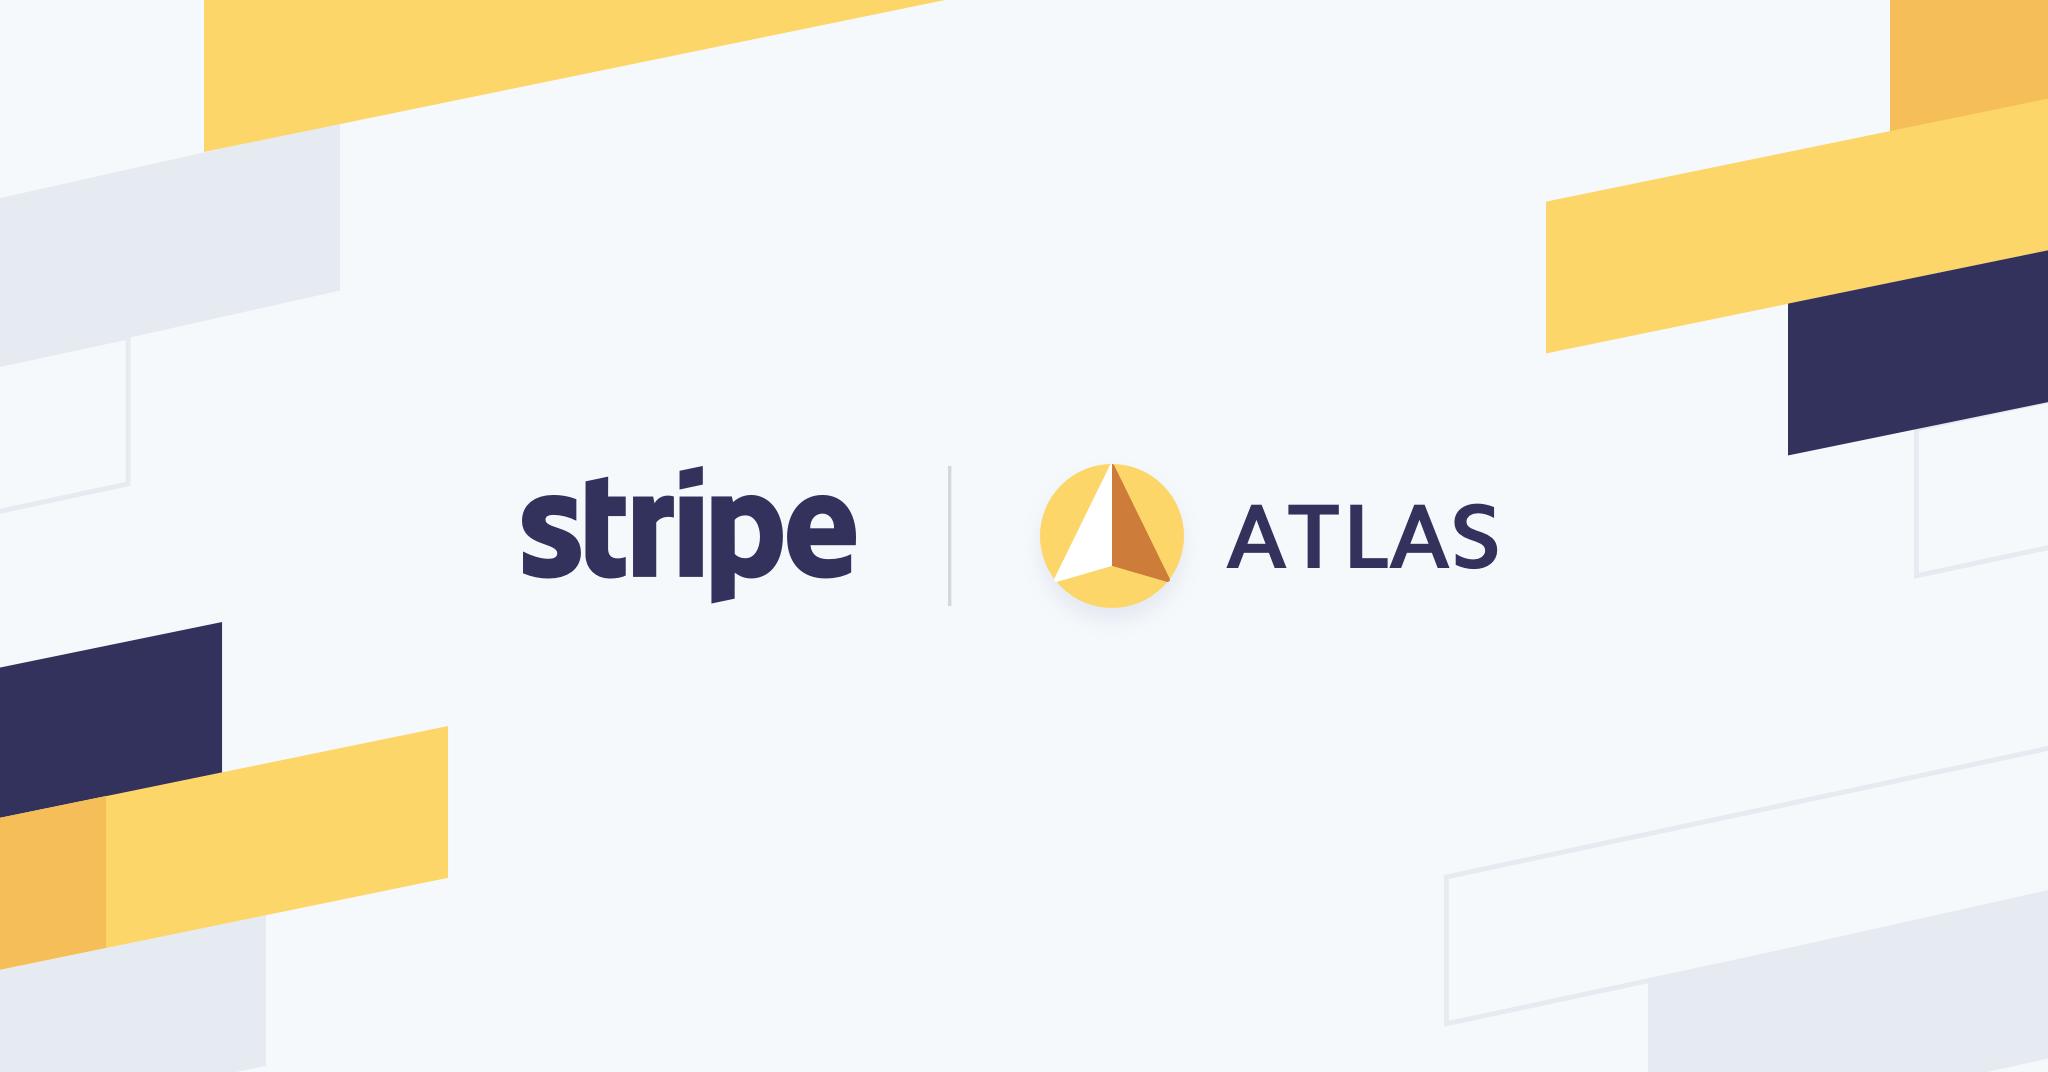 atlas logo by stripe